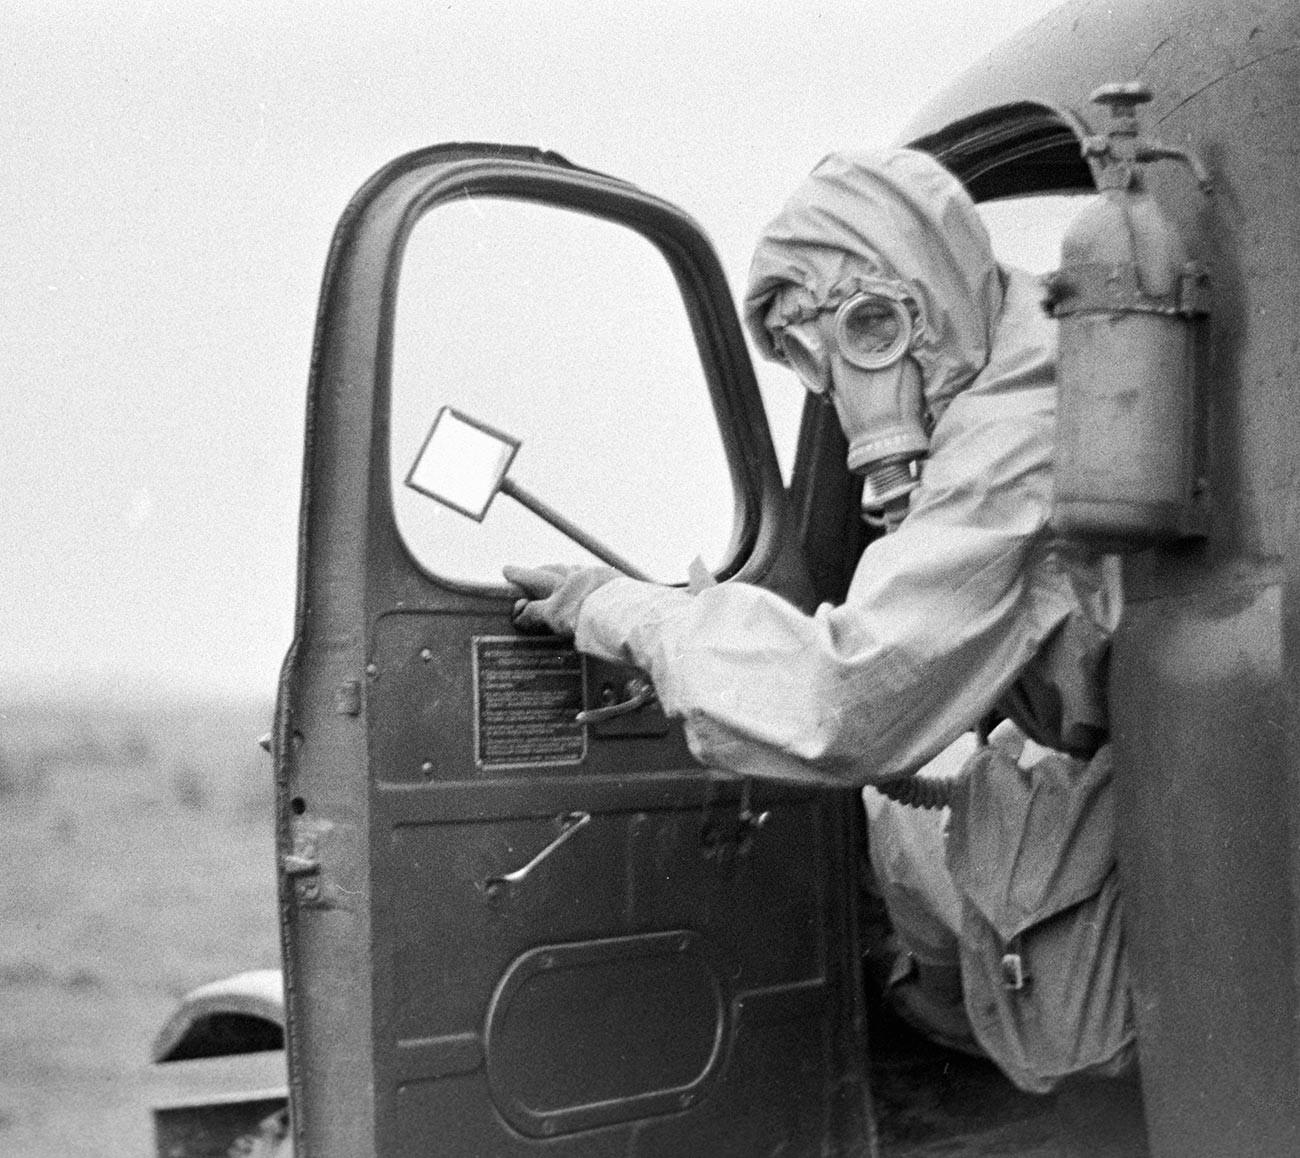 Pasukan Pertahanan Radiologis, Kimia dan Biologis Soviet saat menjalani latihan.